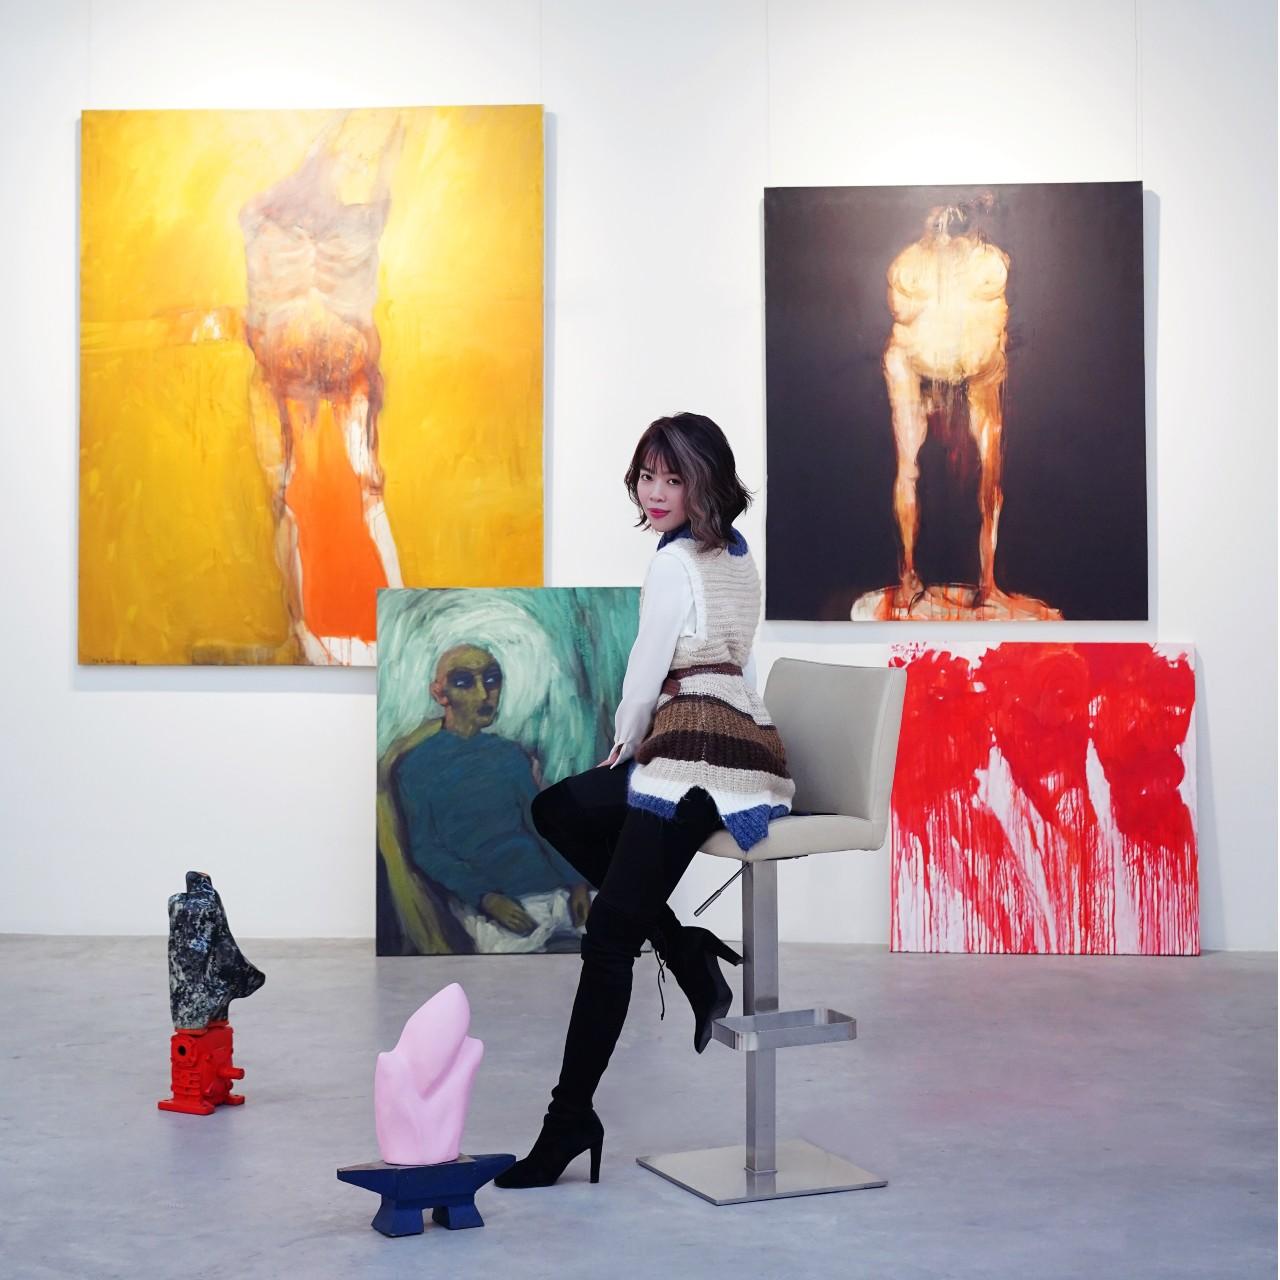 CUC Gallery - Nơi nghệ thuật được miễn nhiễm